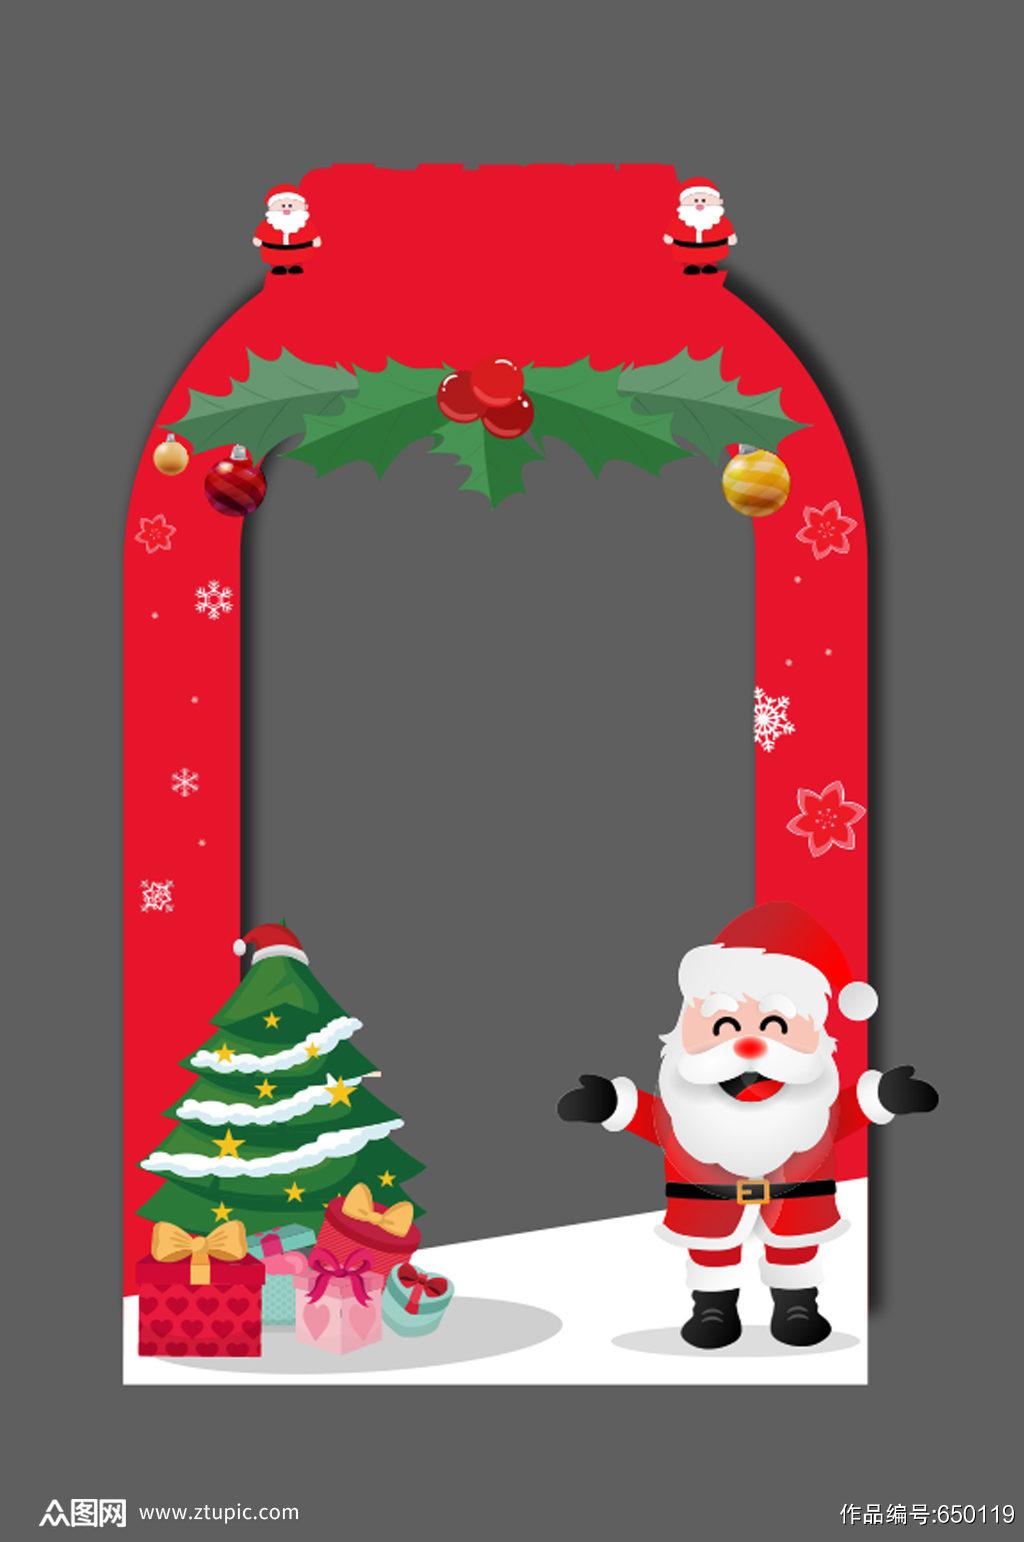 圣诞节欢乐圣诞老人自拍框圣诞节美陈拍照框素材